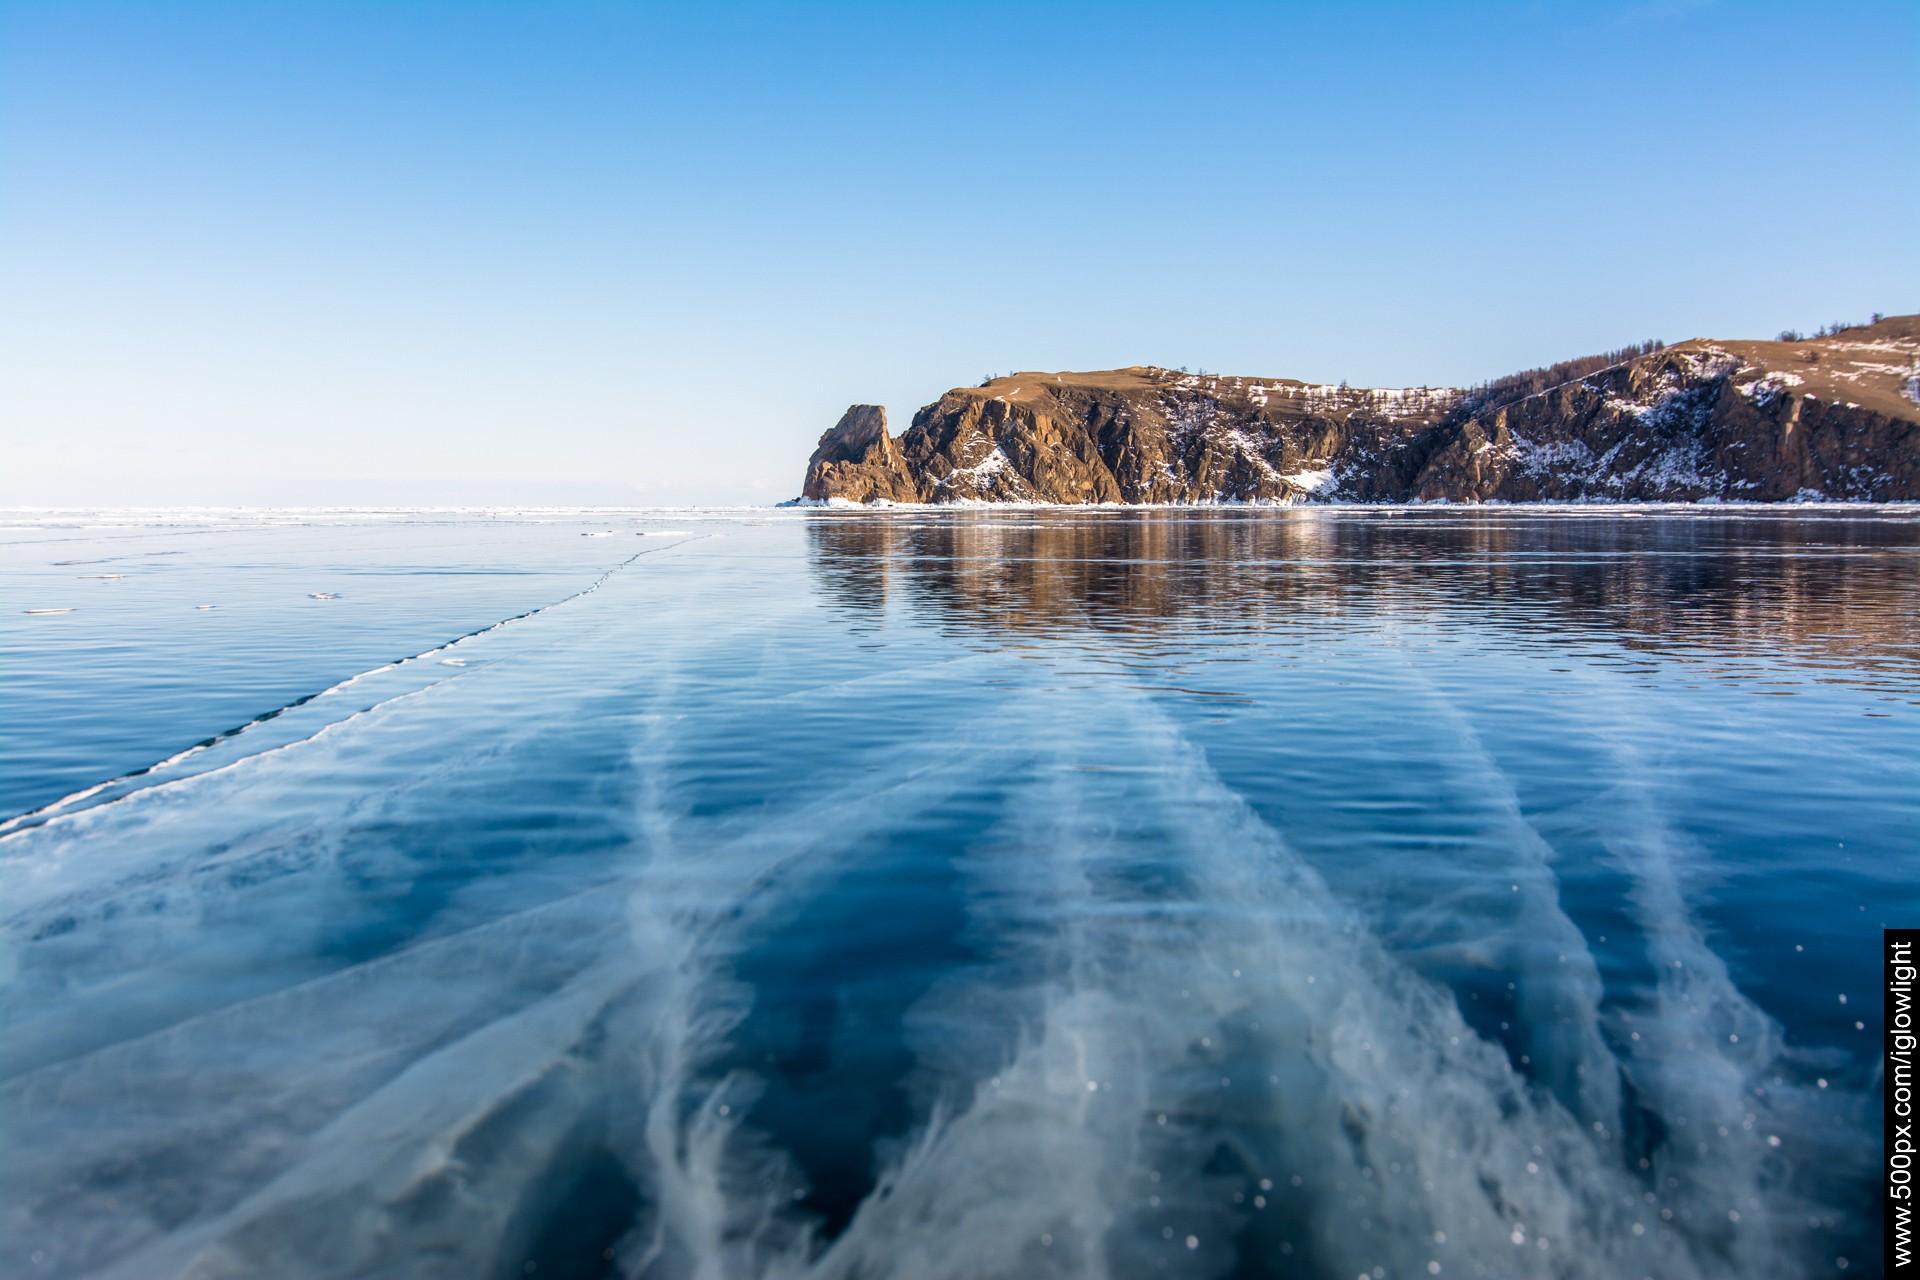 фото отличного качества озеро байкал балах, которые